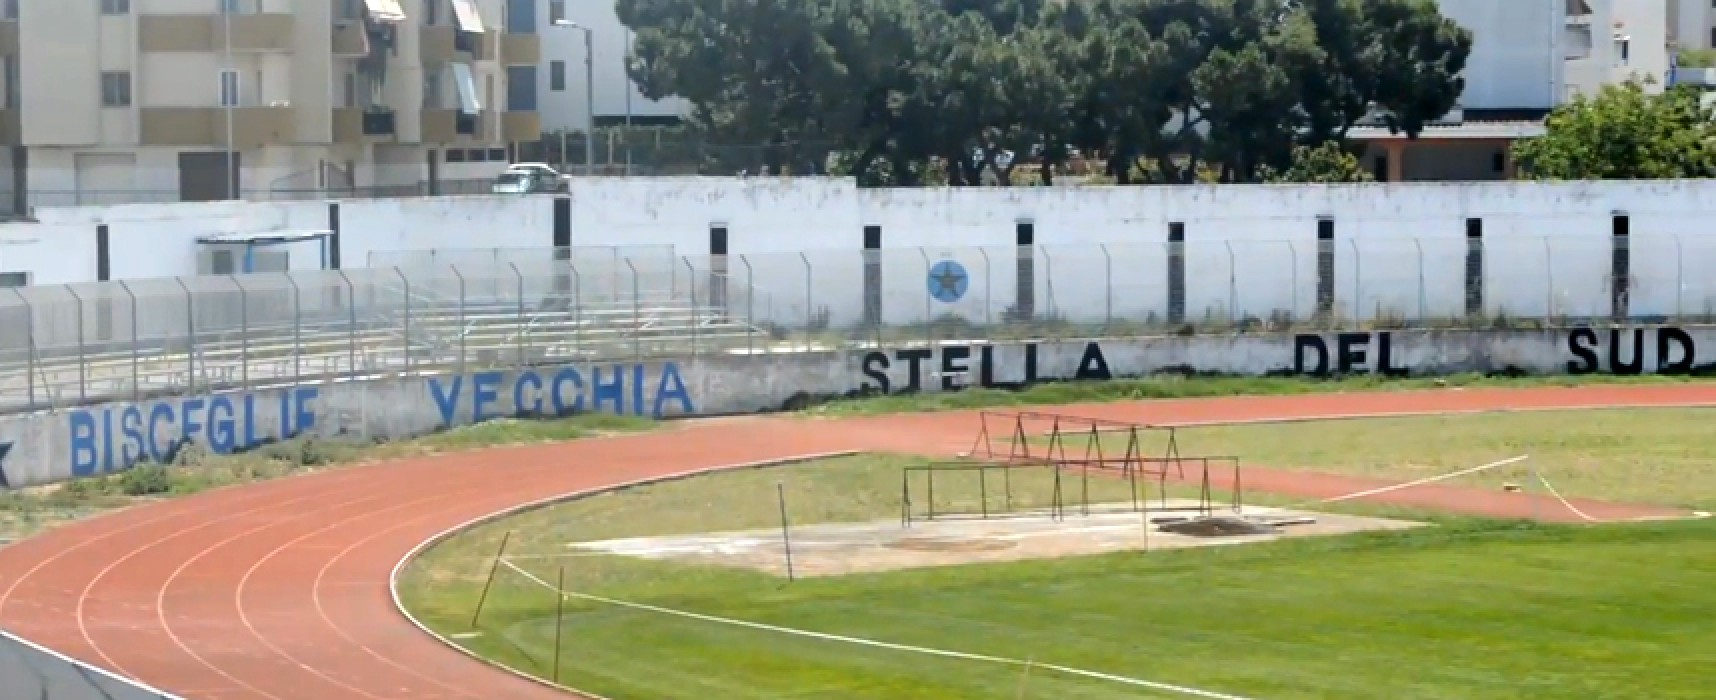 Esposito è il terzo acquisto del Bisceglie calcio, domani le selezioni per la Juniores